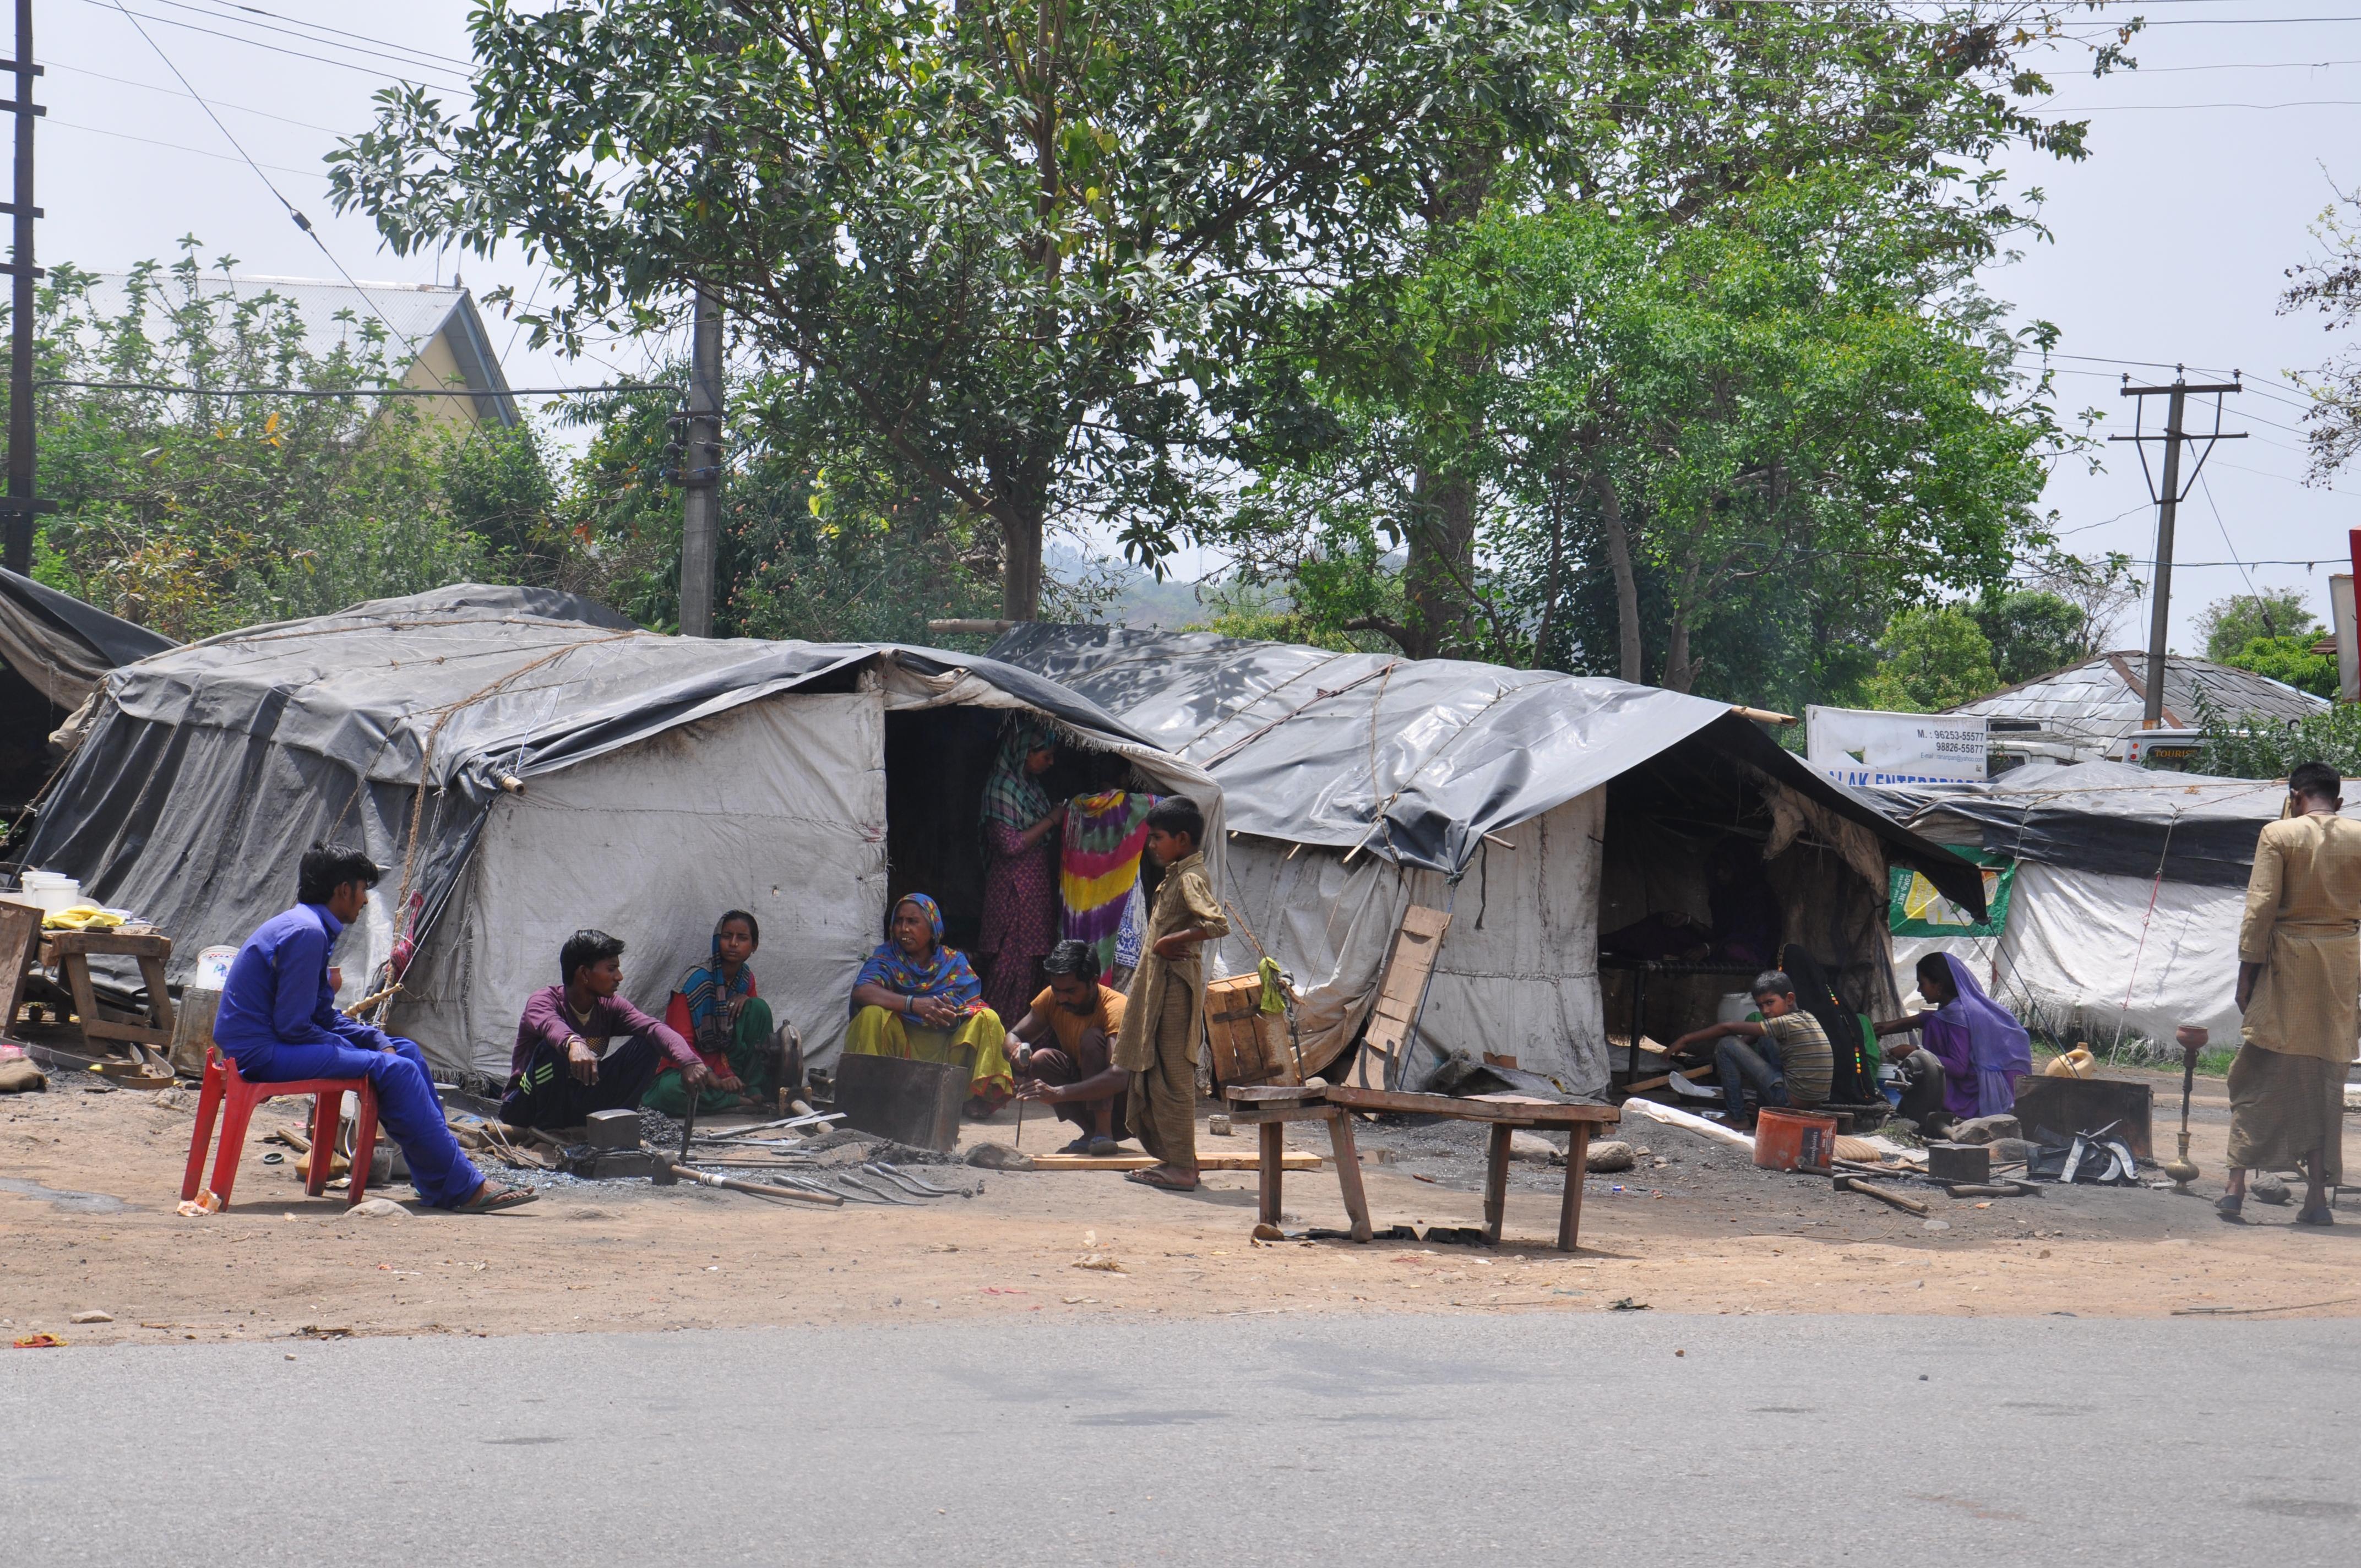 जिंदगी की जलालत झेलते हुए,गरीबी से जूझते प्रवासी मजदूर